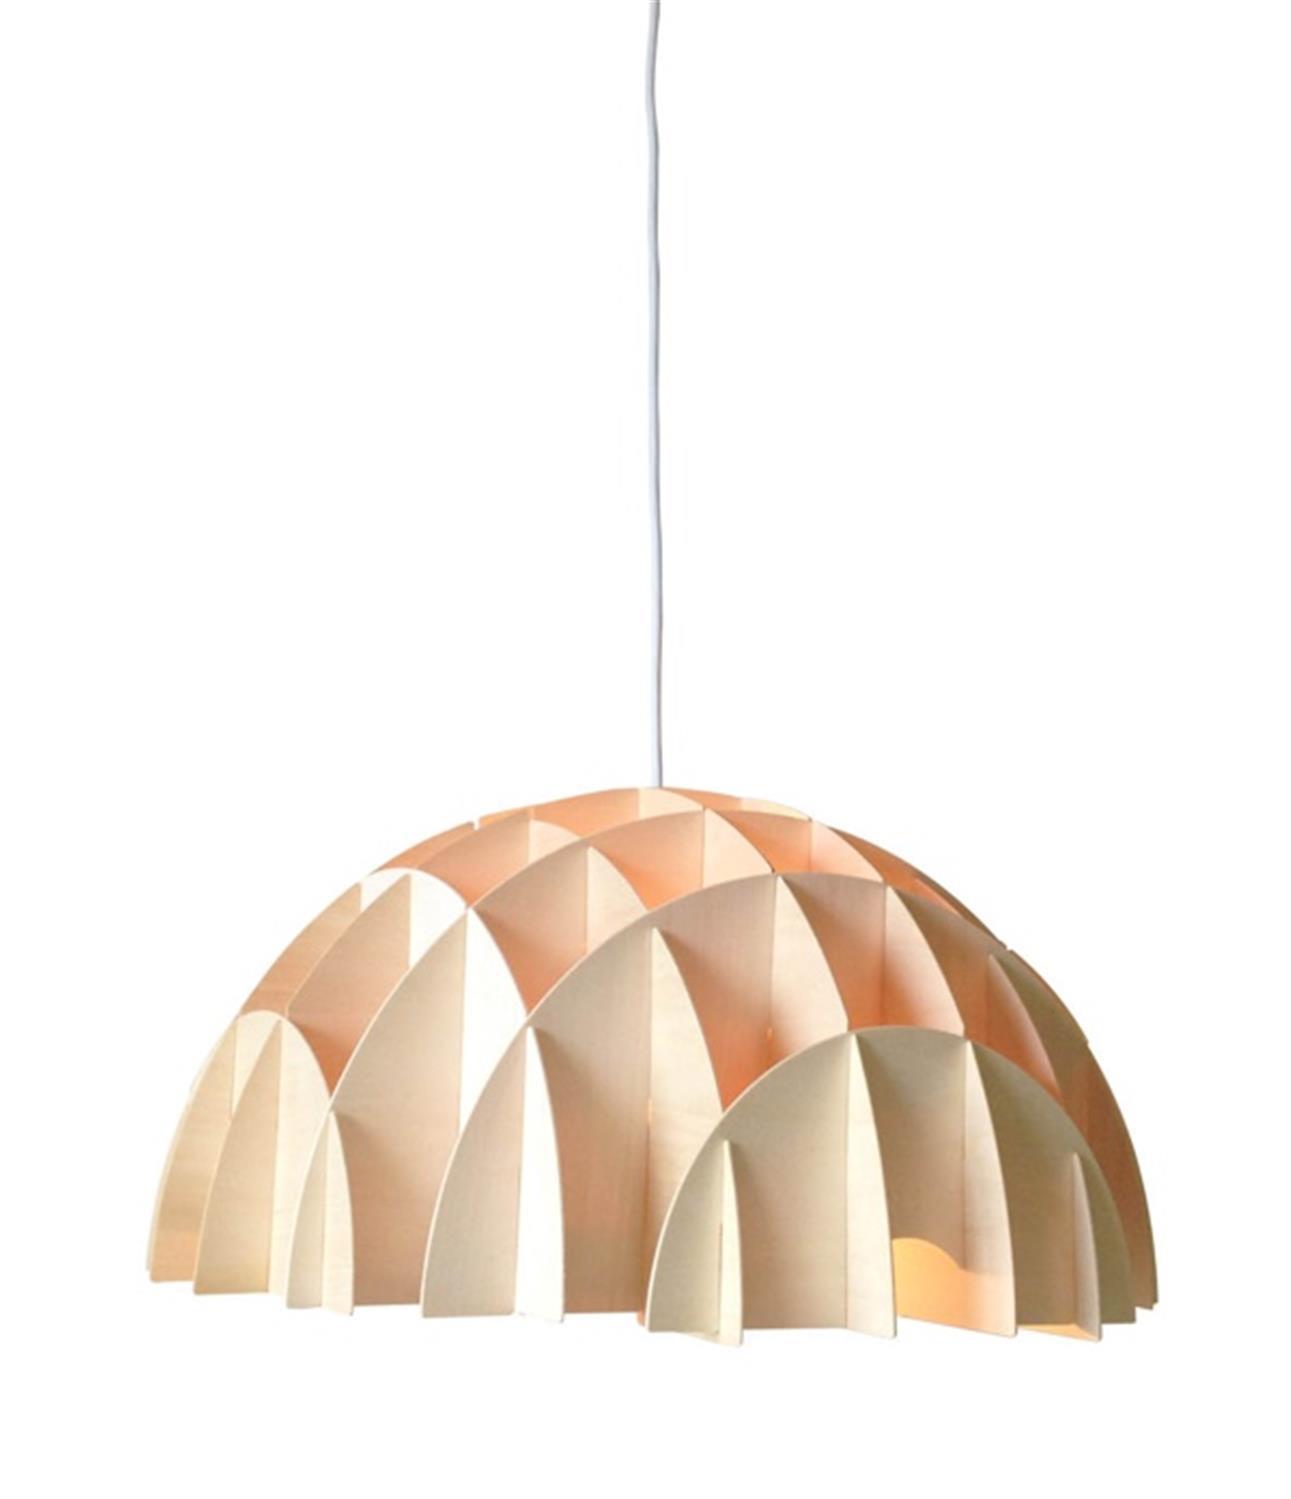 Φωτιστικό οροφής μονόφωτο από καπλαμά μπεζ Exotic 50x25cm Home Lighting 77-2109